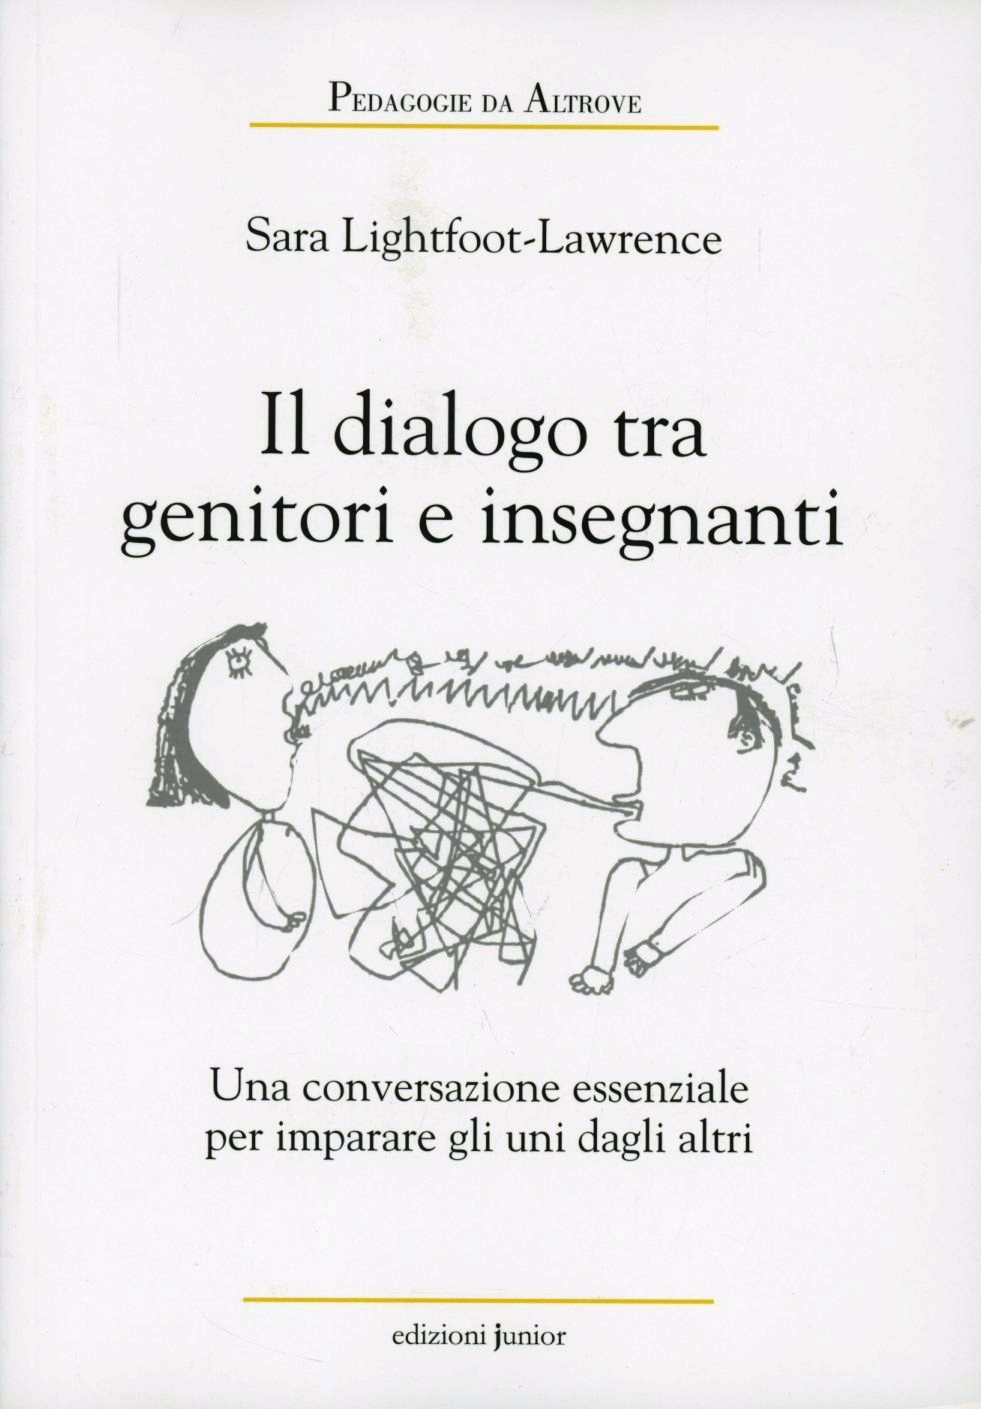 Image of Dialoghi tra genitori e insegnanti. Una conversazione essenziale p..